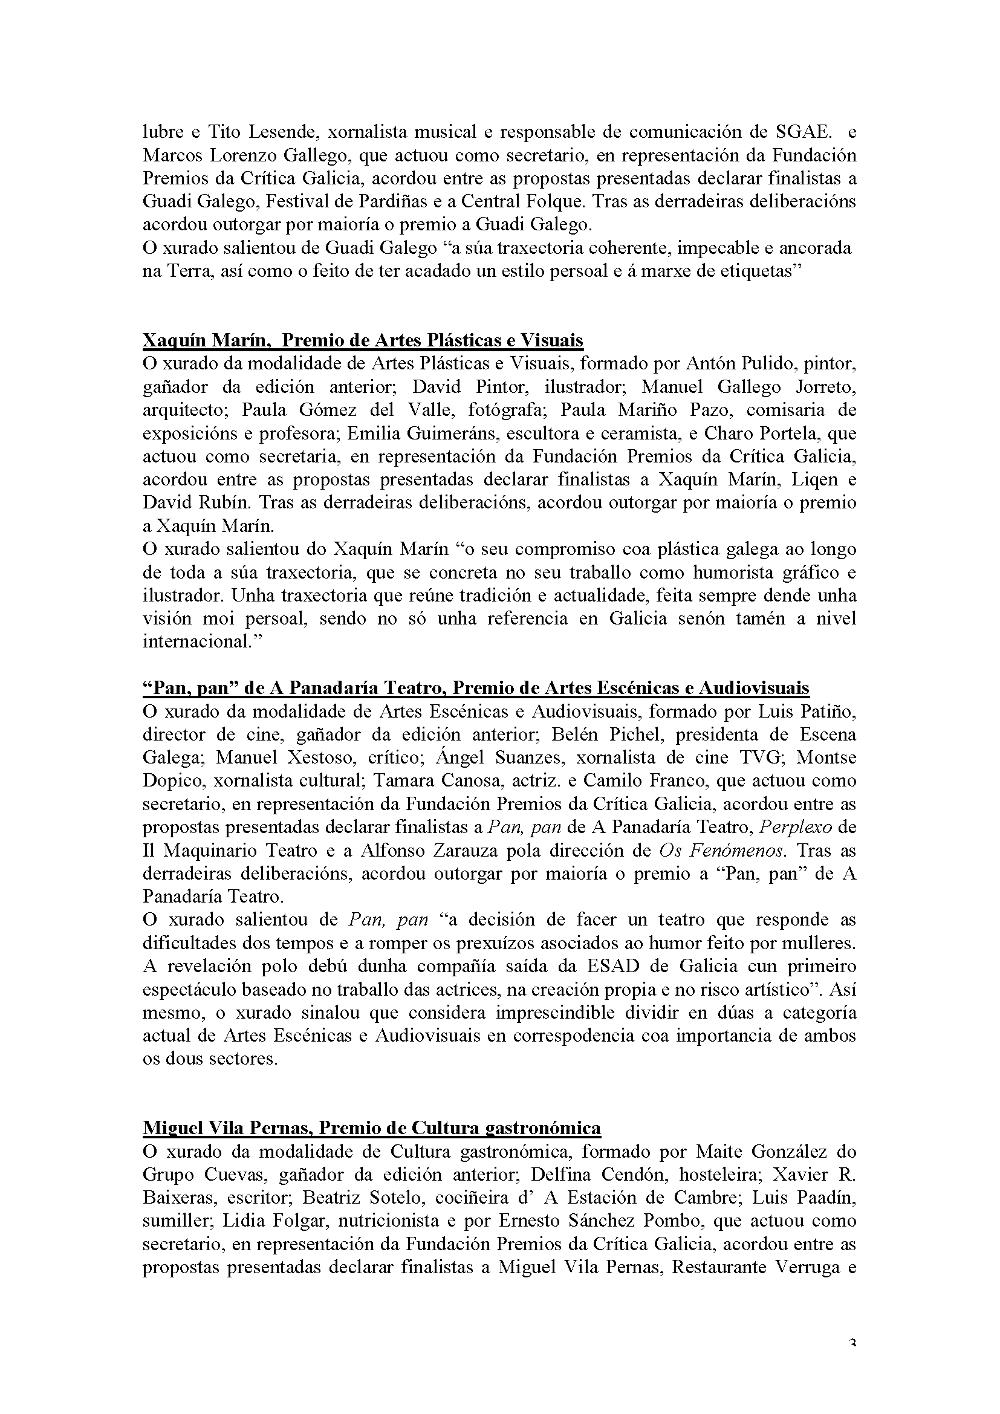 Premios da Crítica Galicia 2015 3